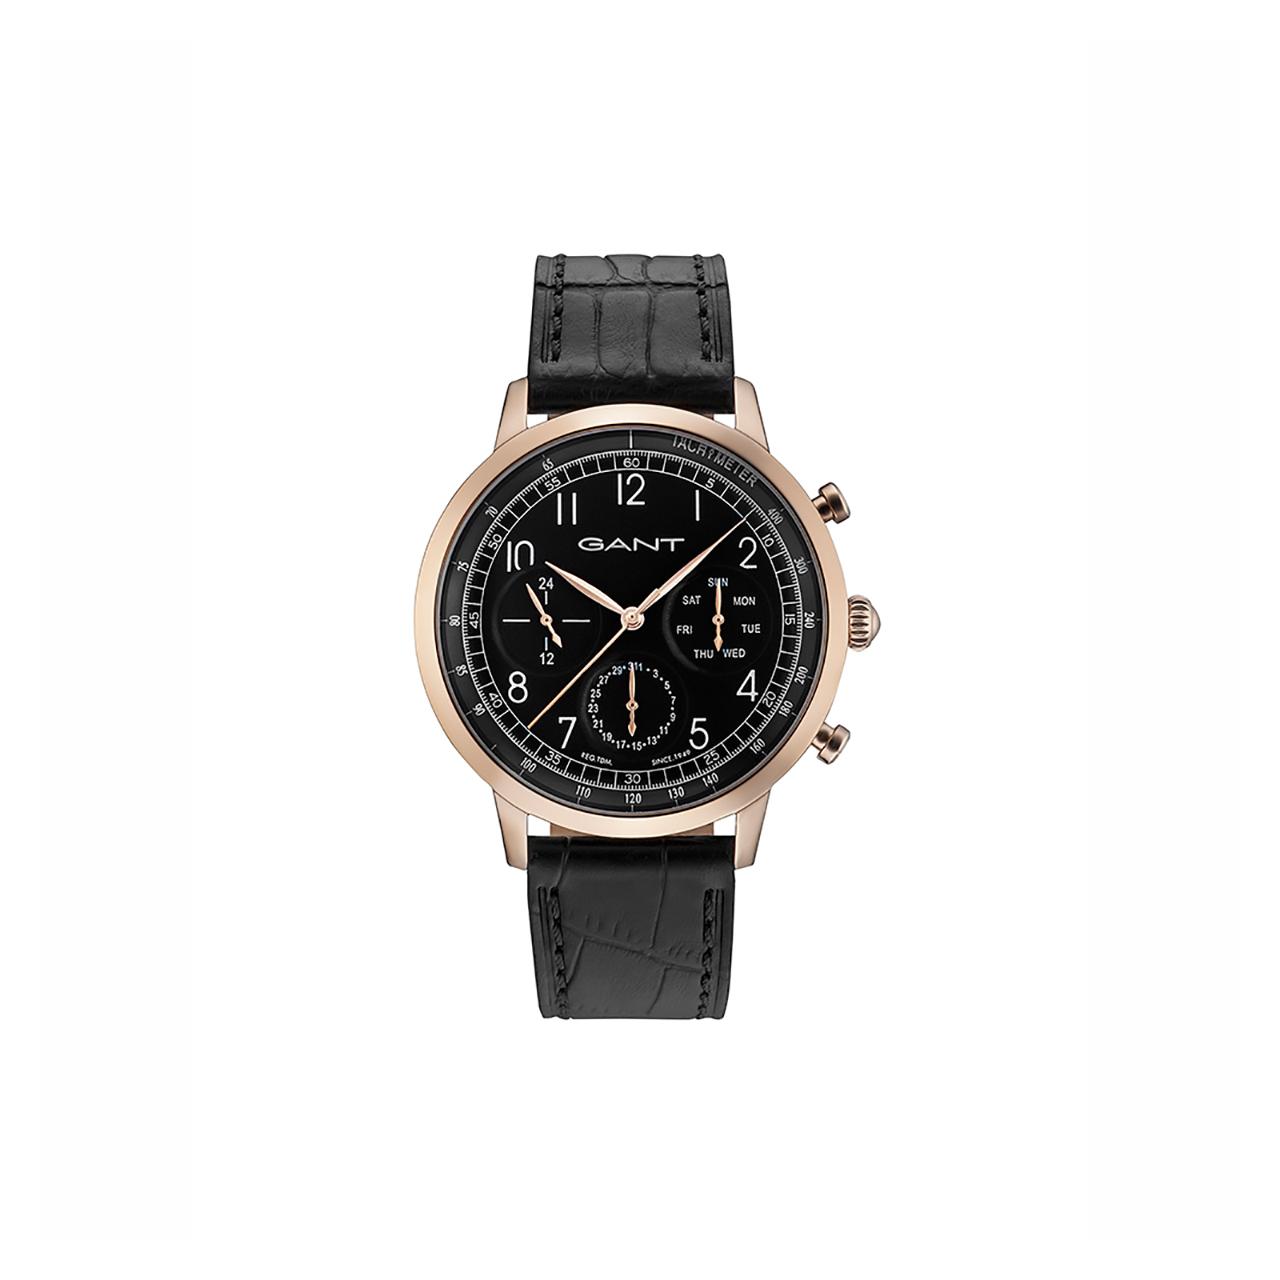 ساعت مچی عقربه ای مردانه گنت مدل GW71205